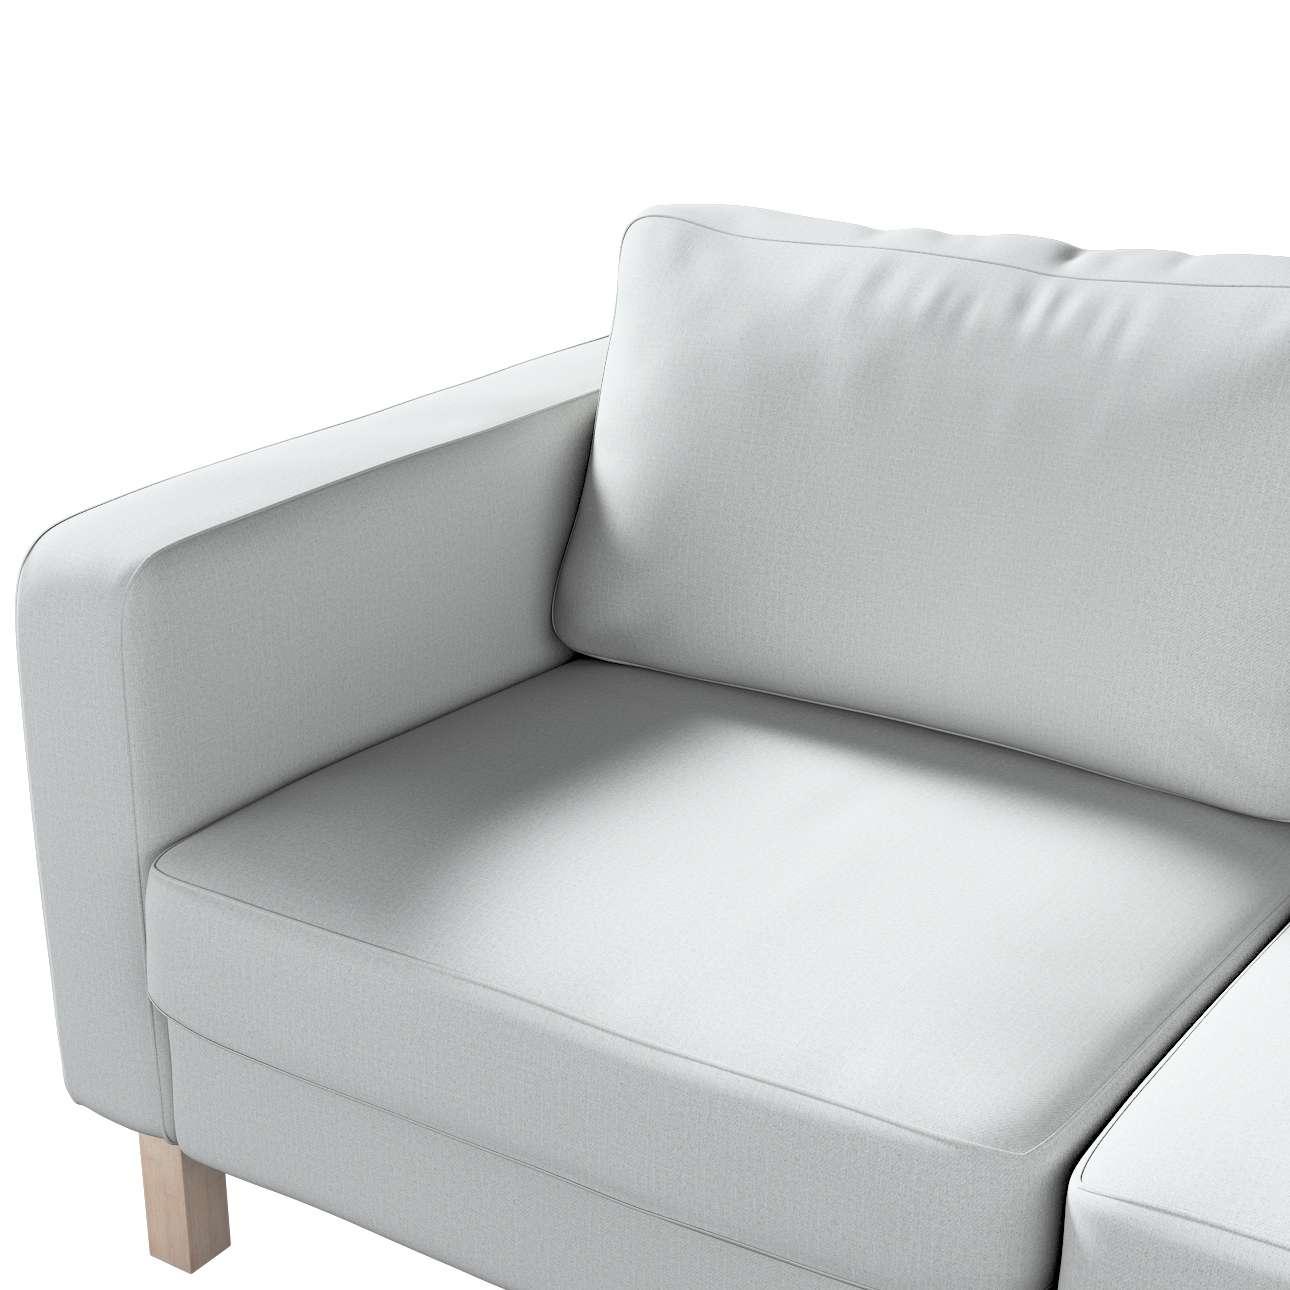 IKEA zitbankhoes/ overtrek voor Karlstad 2-zitsbank van de collectie Living, Stof: 161-18